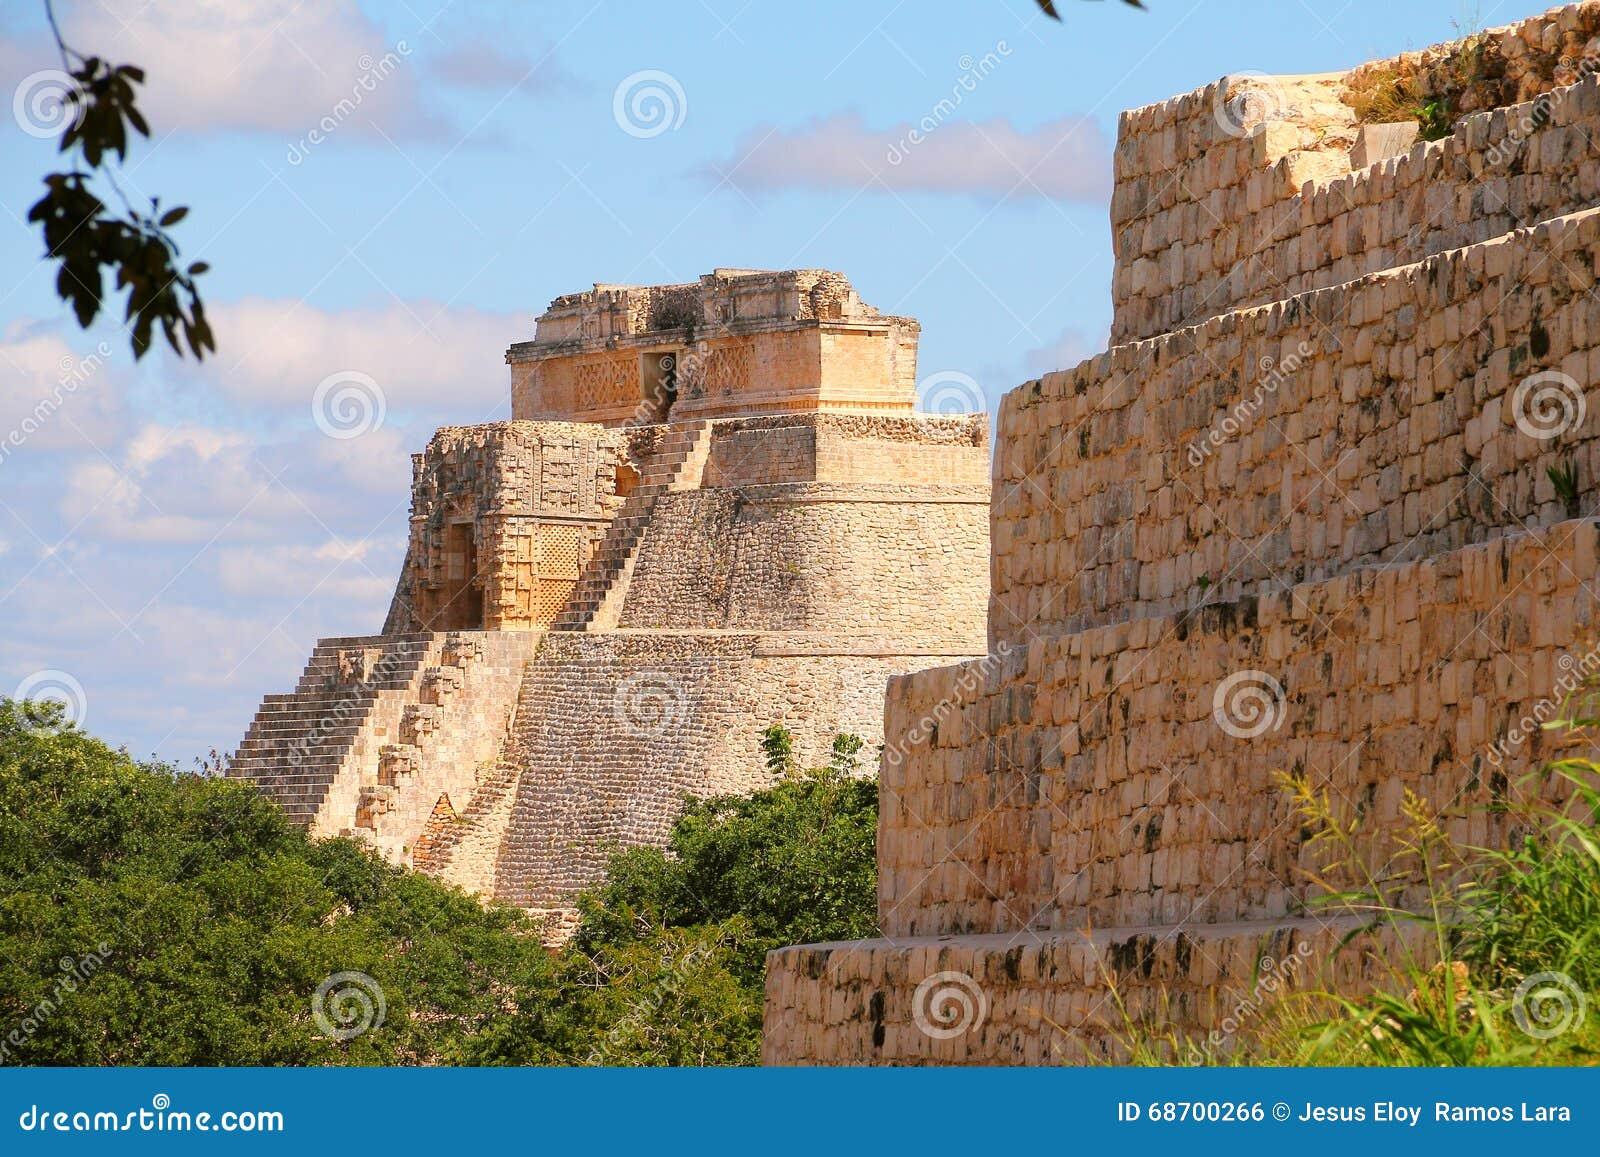 Ancient Maya city of Uxmal V